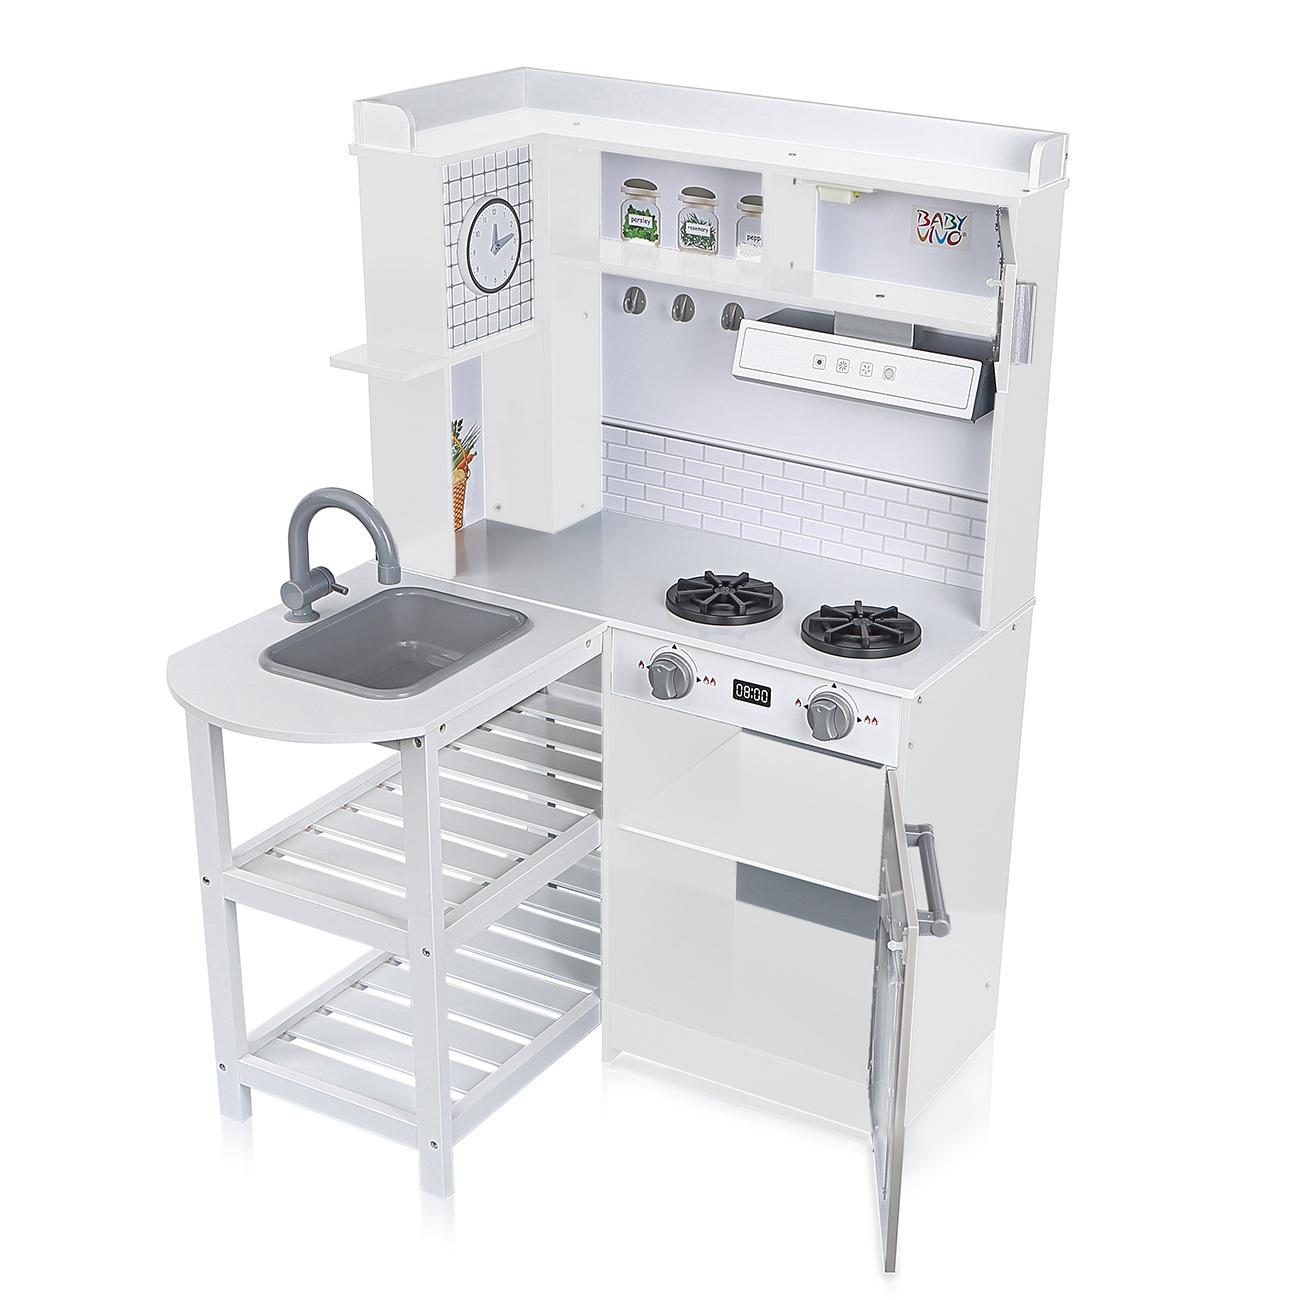 Suoni E Rumori In Cucina baby vivo cucina per bambini in legno con luci e suoni - luis in bianco